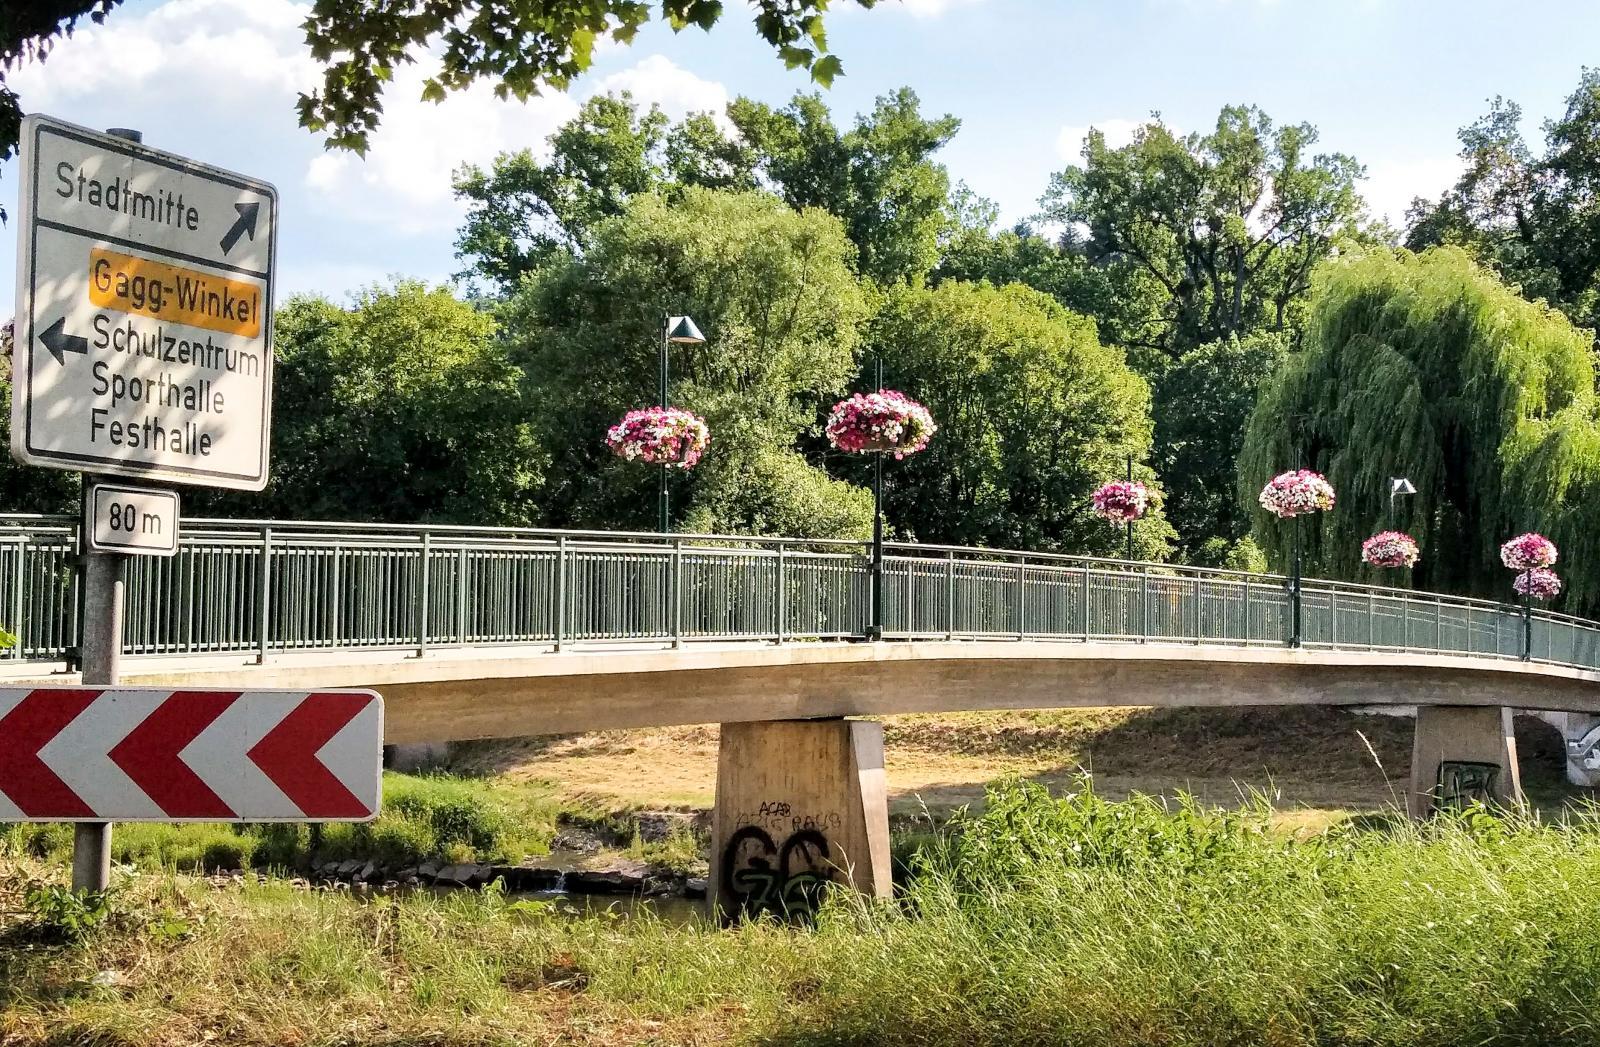 Gångbro mot centrum från ställplatsen. Under slingrar sig floden Murg fram genom samhället.